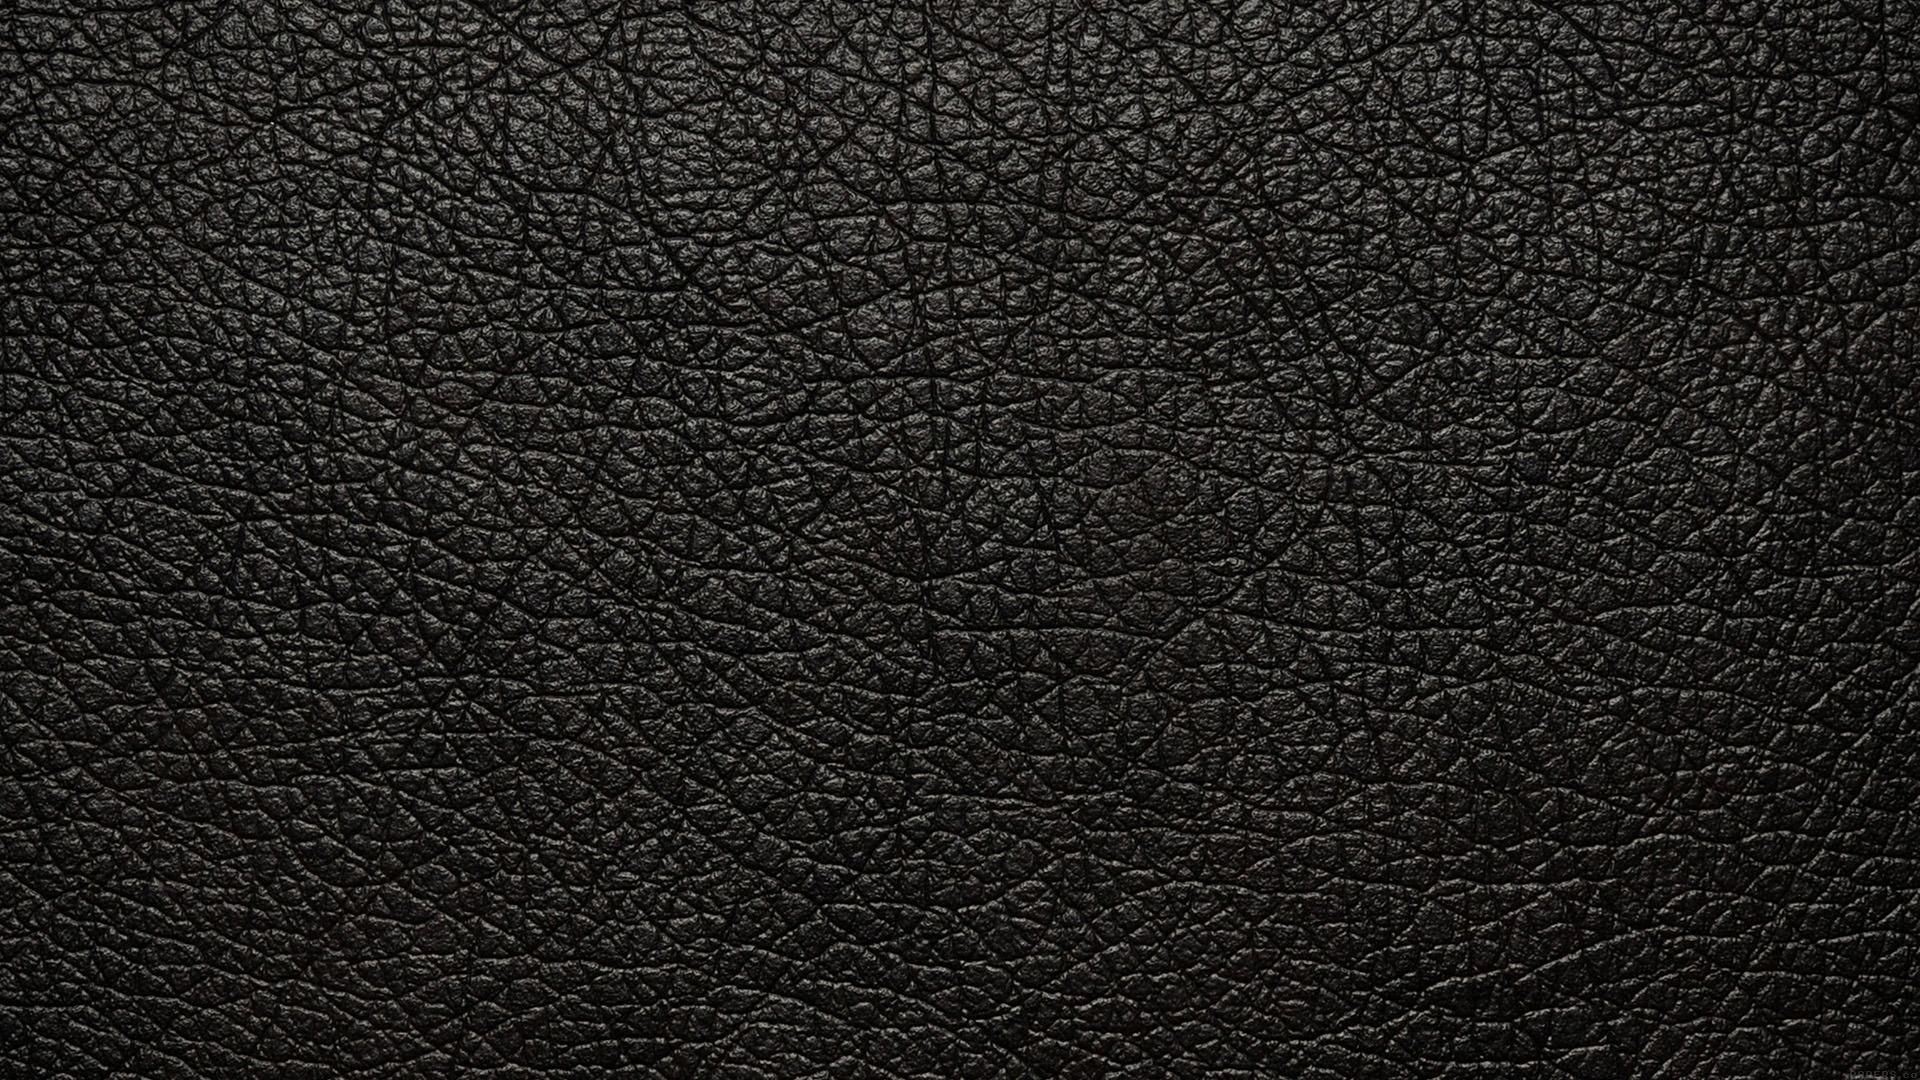 Vi29 Texture Skin Dark Leather Pattern